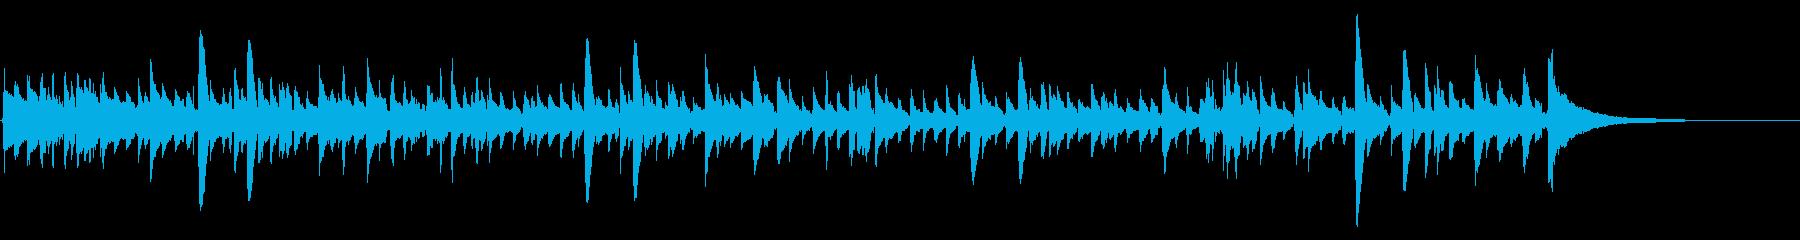 アコギ47/陽気で爽やか、重ね録り、生音の再生済みの波形